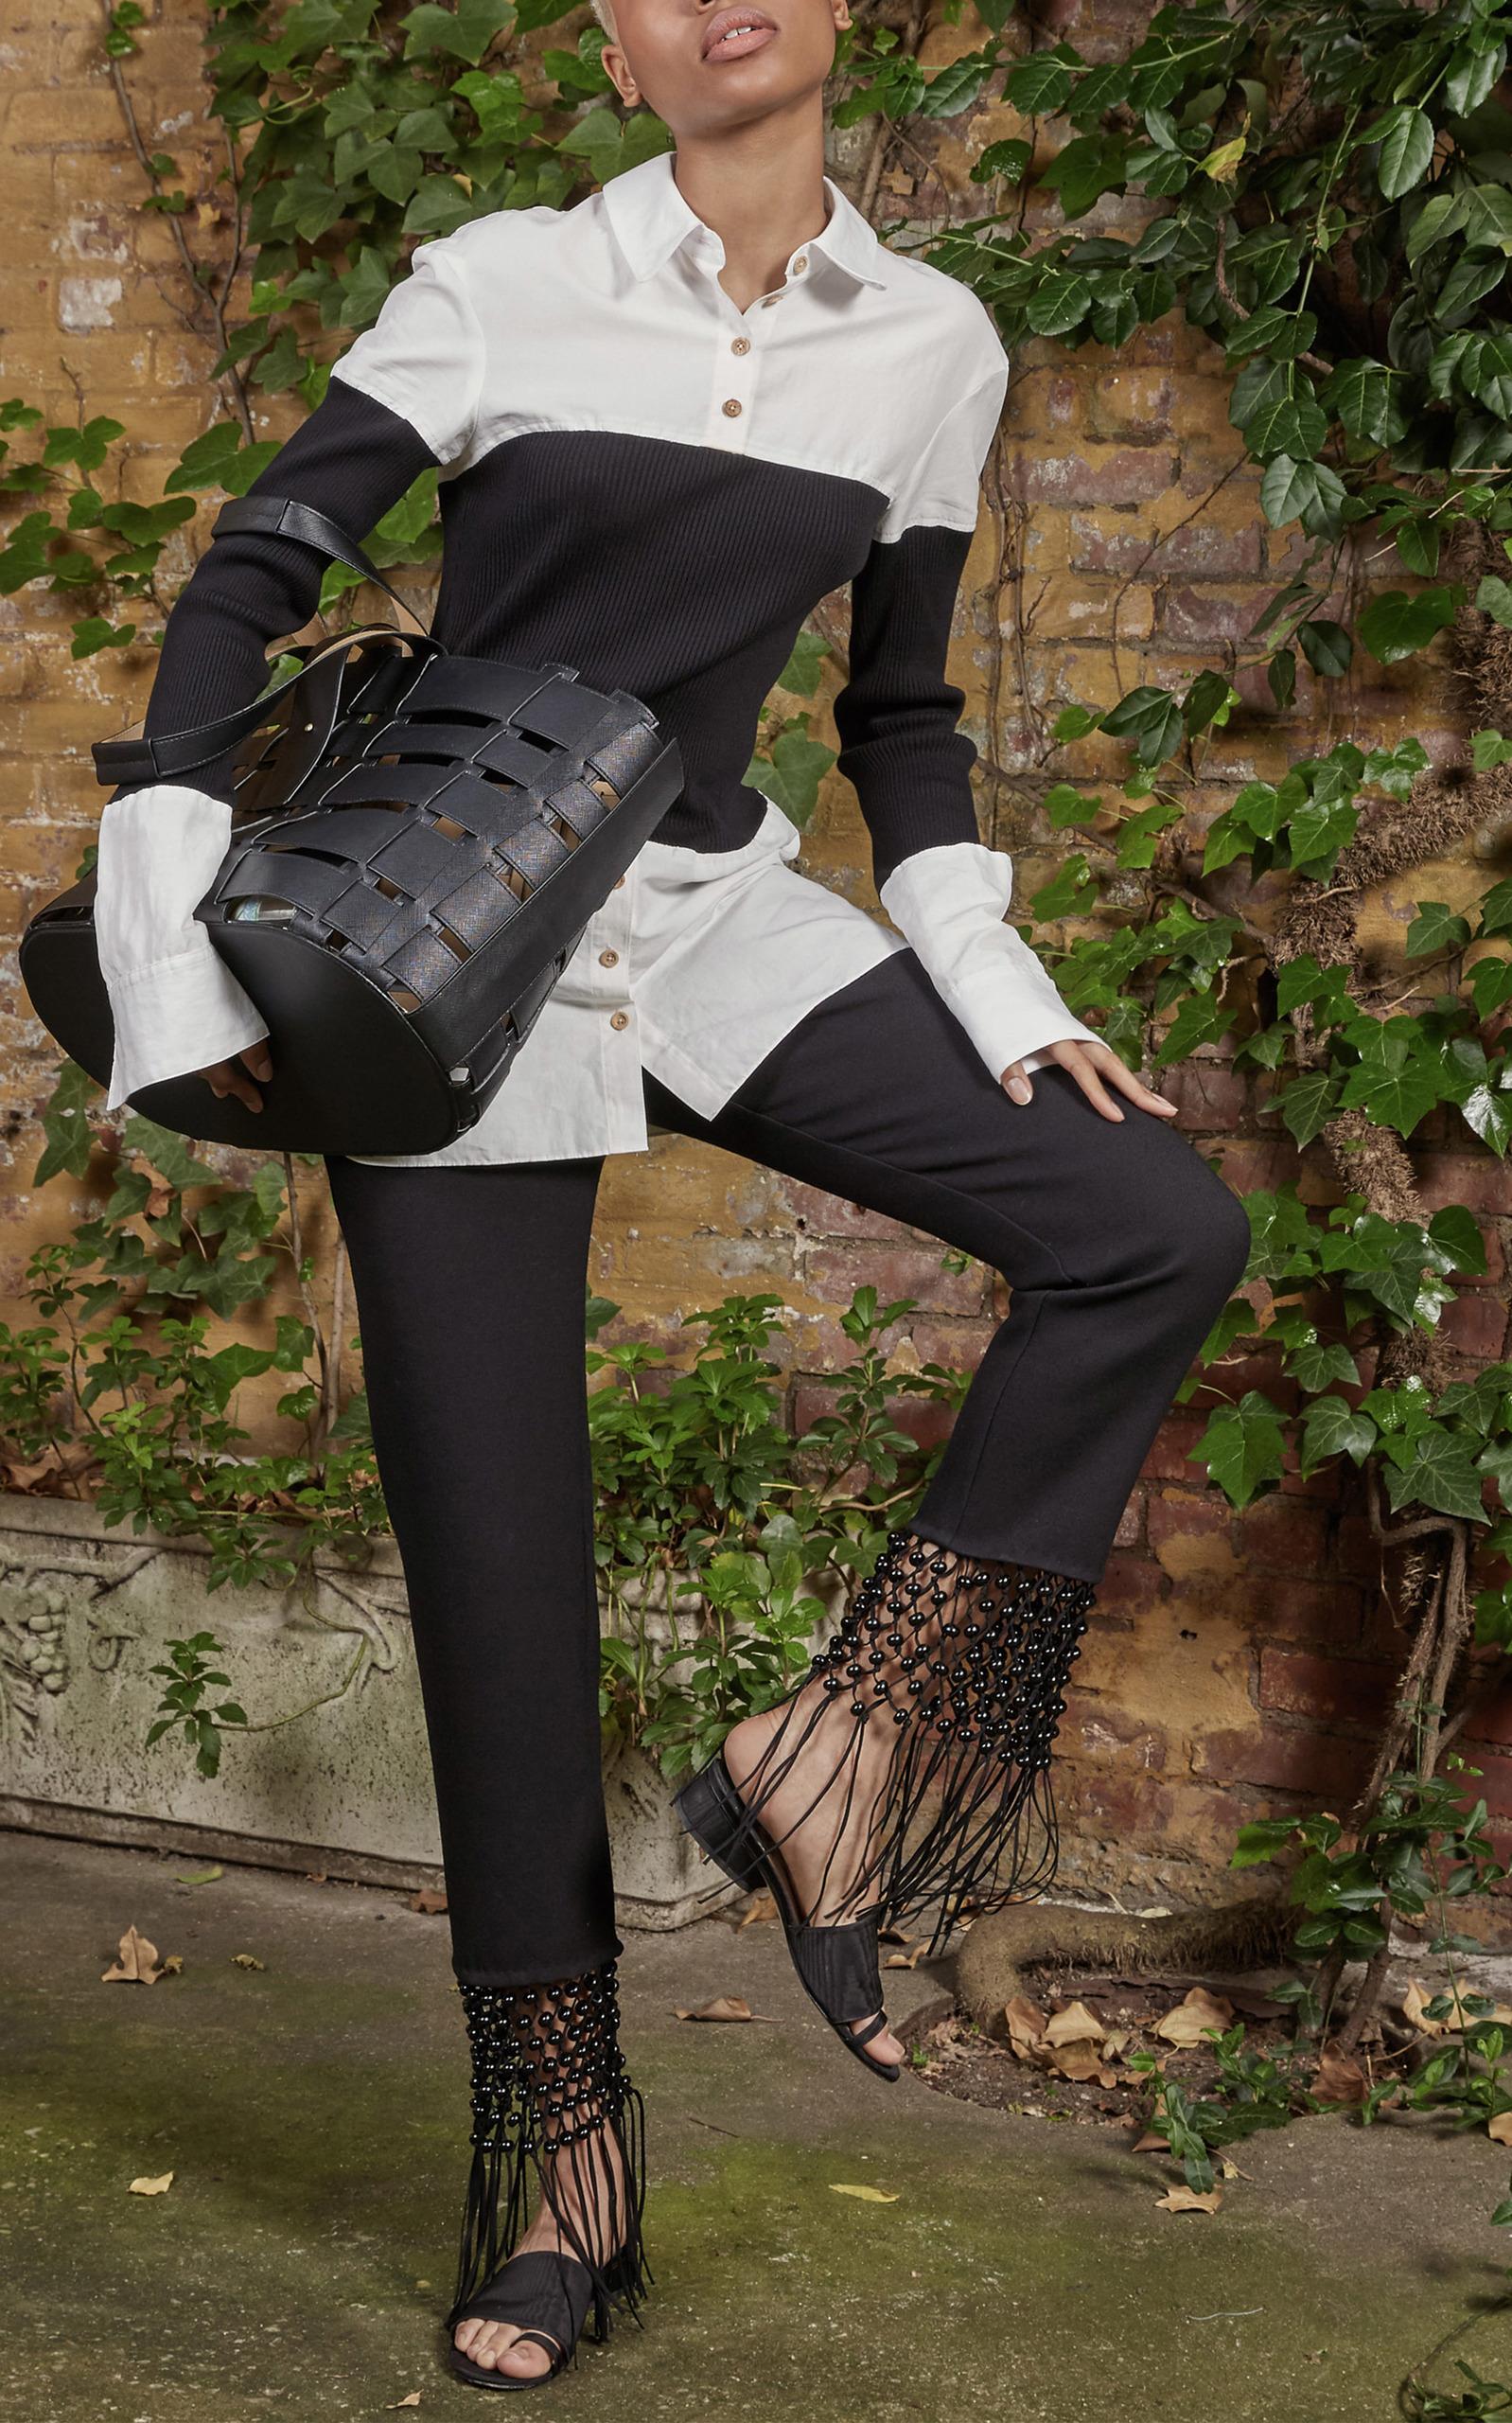 Vente Confortable Prix Le Moins Cher Rabais Long Sleeve Shirt With Ribbed BodiceRosie Assoulin Le Meilleur Magasin Pour Obtenir La Sortie En Vogue TY7V64wBm